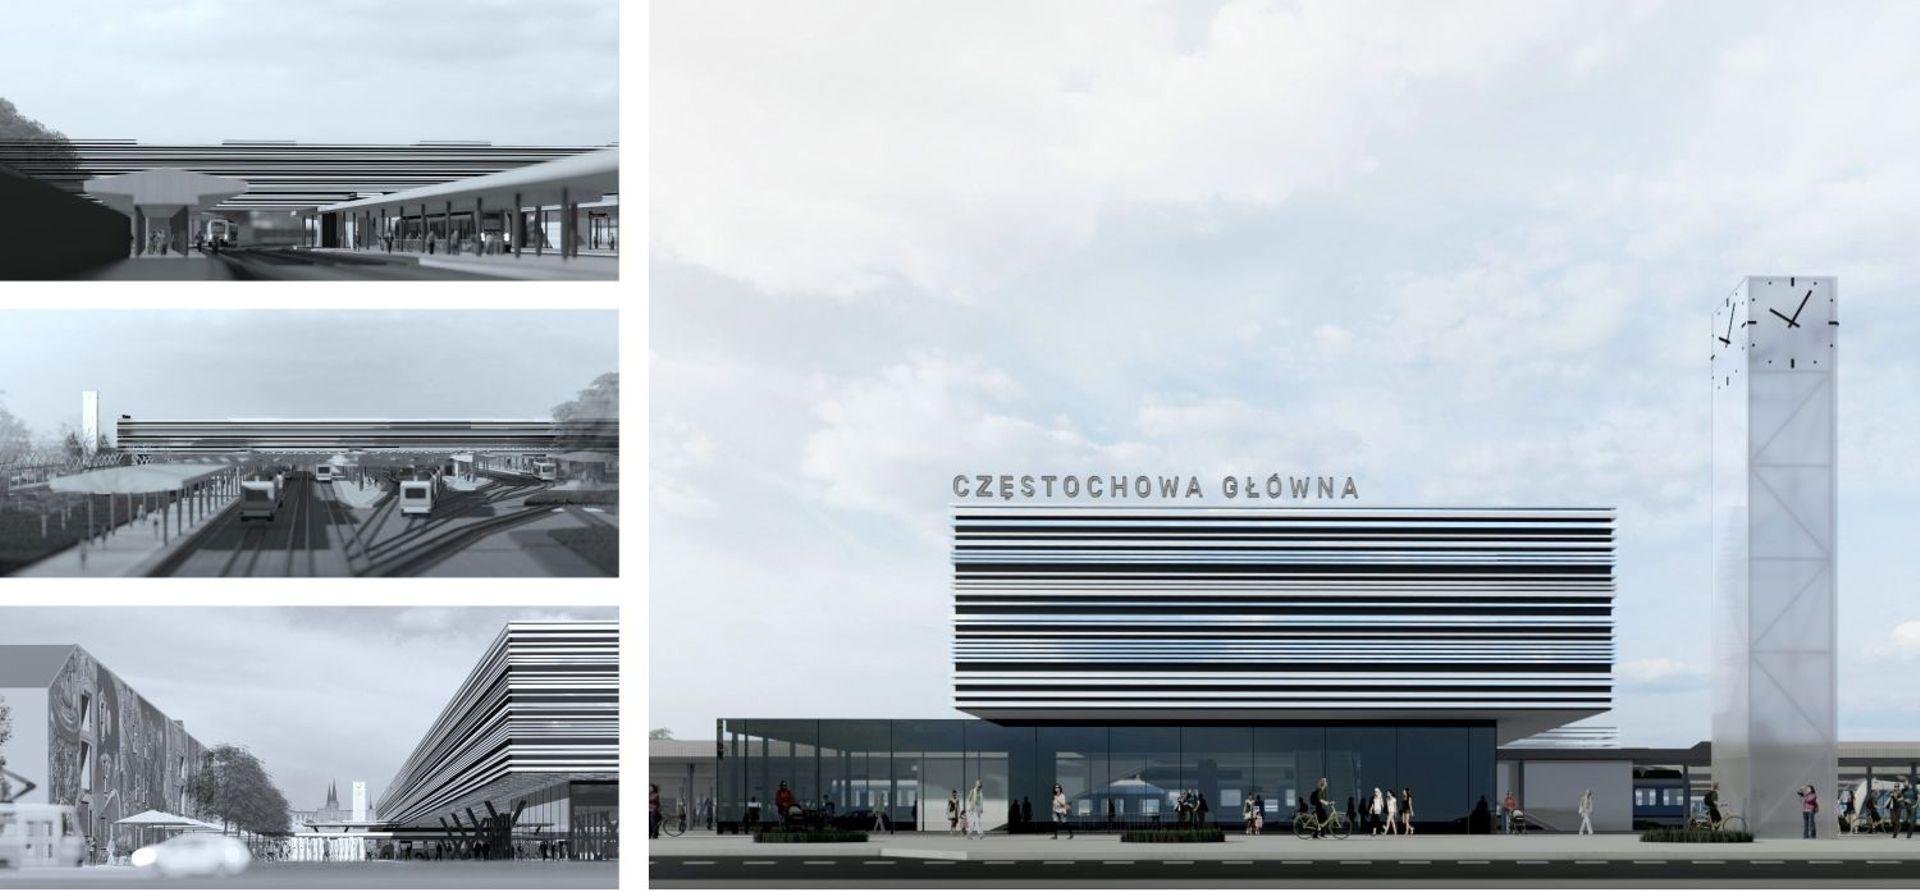 Rozpoczęły się prace projektowe dworca Częstochowa Główna